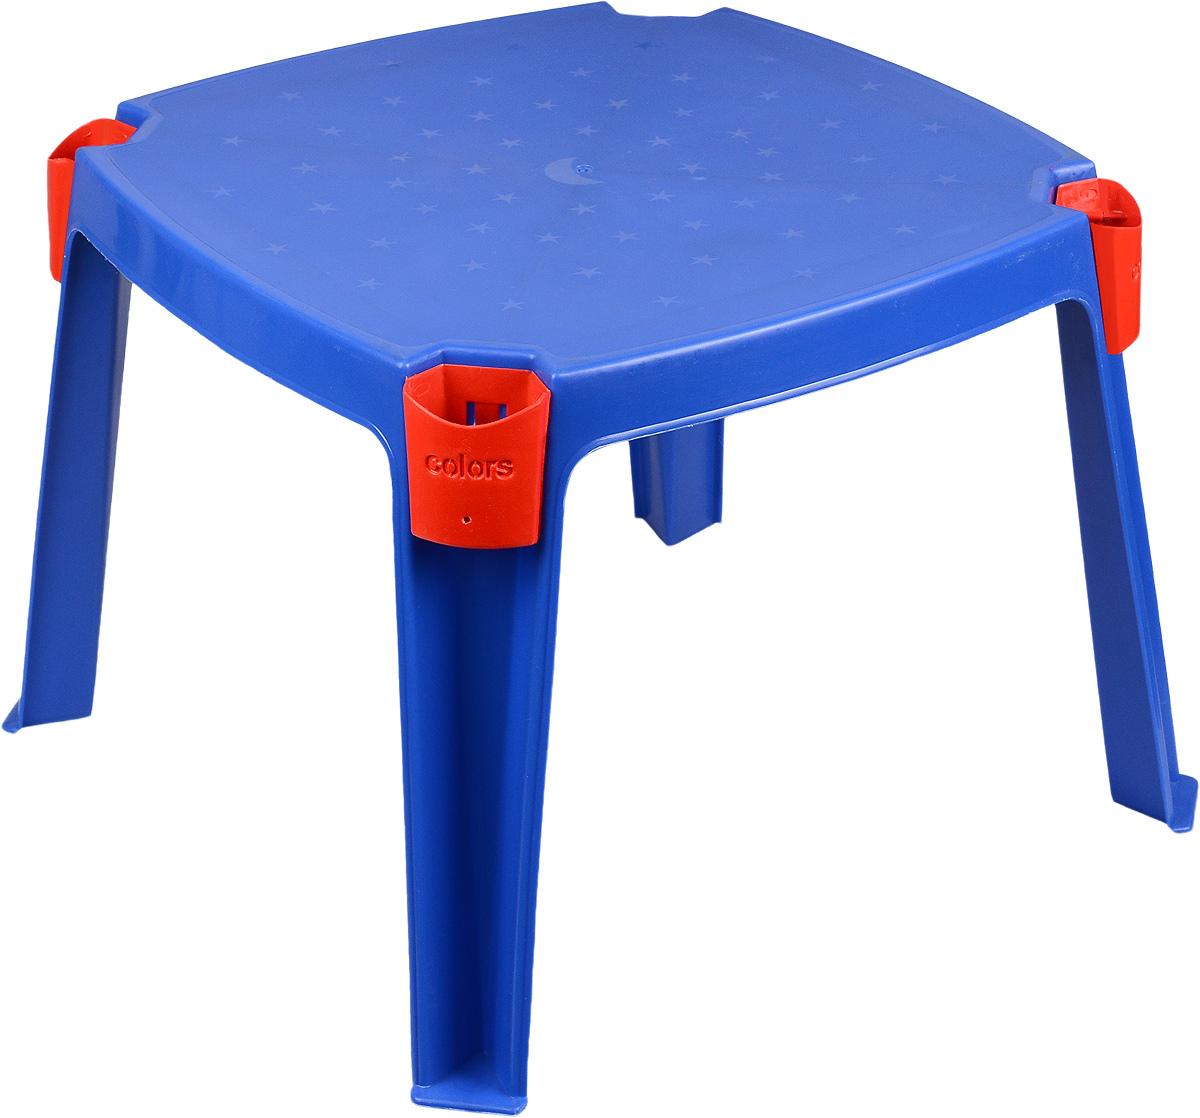 Marian Plast Стол детский с карманами 53 см х 53 см цвет синий364_синУдобный детский столик Marian Plast необходим каждому ребенку. За столиком ребенок может играть, заниматься творчеством. Изделие, изготовленное из прочного, но легкого полимерного материала, оснащено удобными кармашками для хранения различных предметов.Теперь у малыша будет отдельный столик, который идеально подойдет ему по размеру и он сможет приглашать на чаепитие своих друзей, в том числе и плюшевых, а также заниматься творческой работой: рисовать, лепить, раскрашивать.